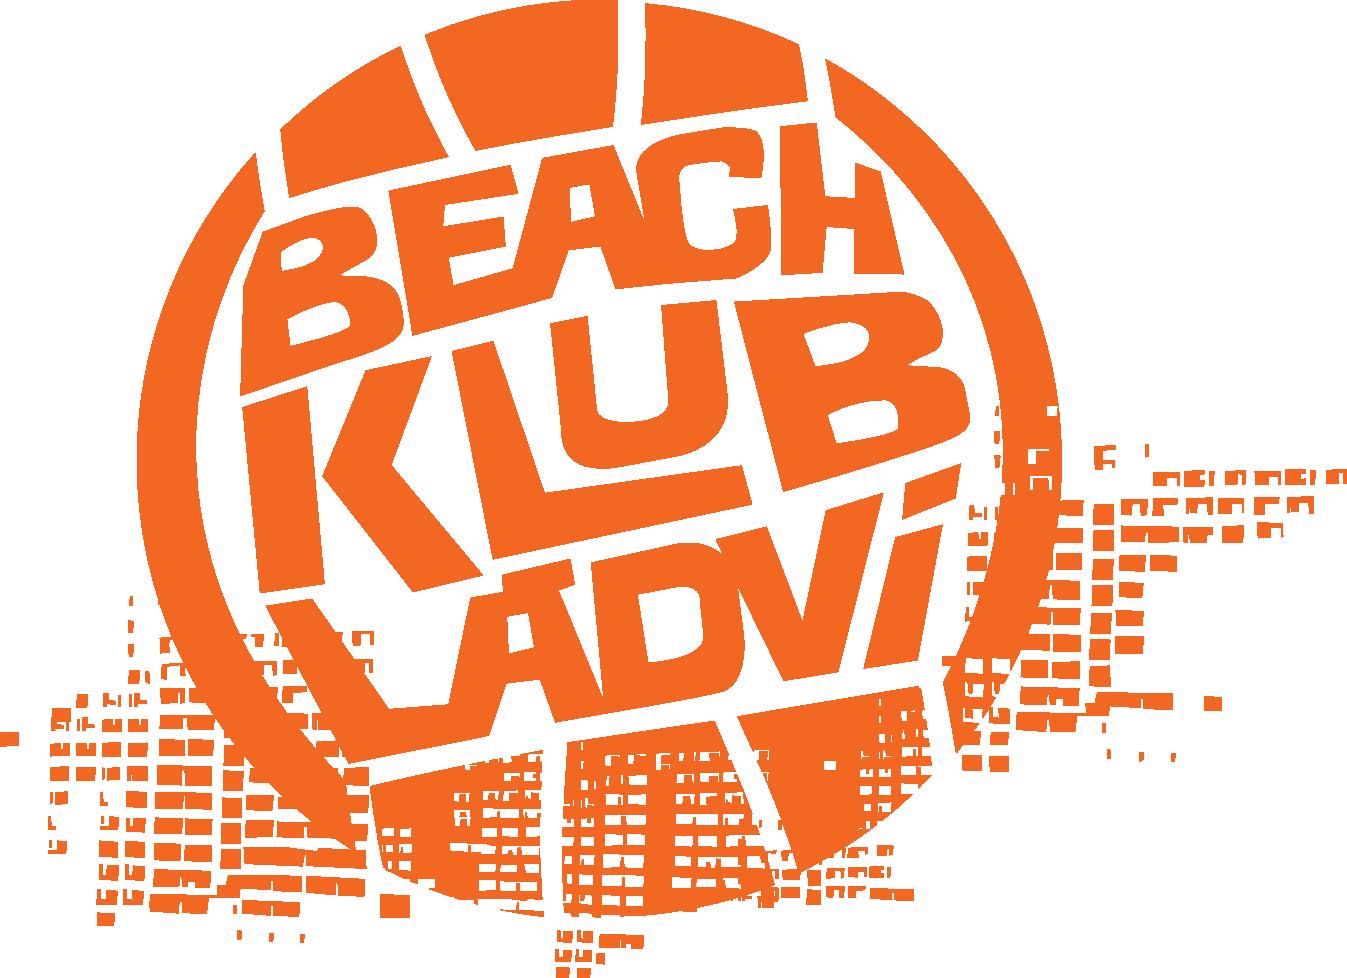 beachklubladvi_orange